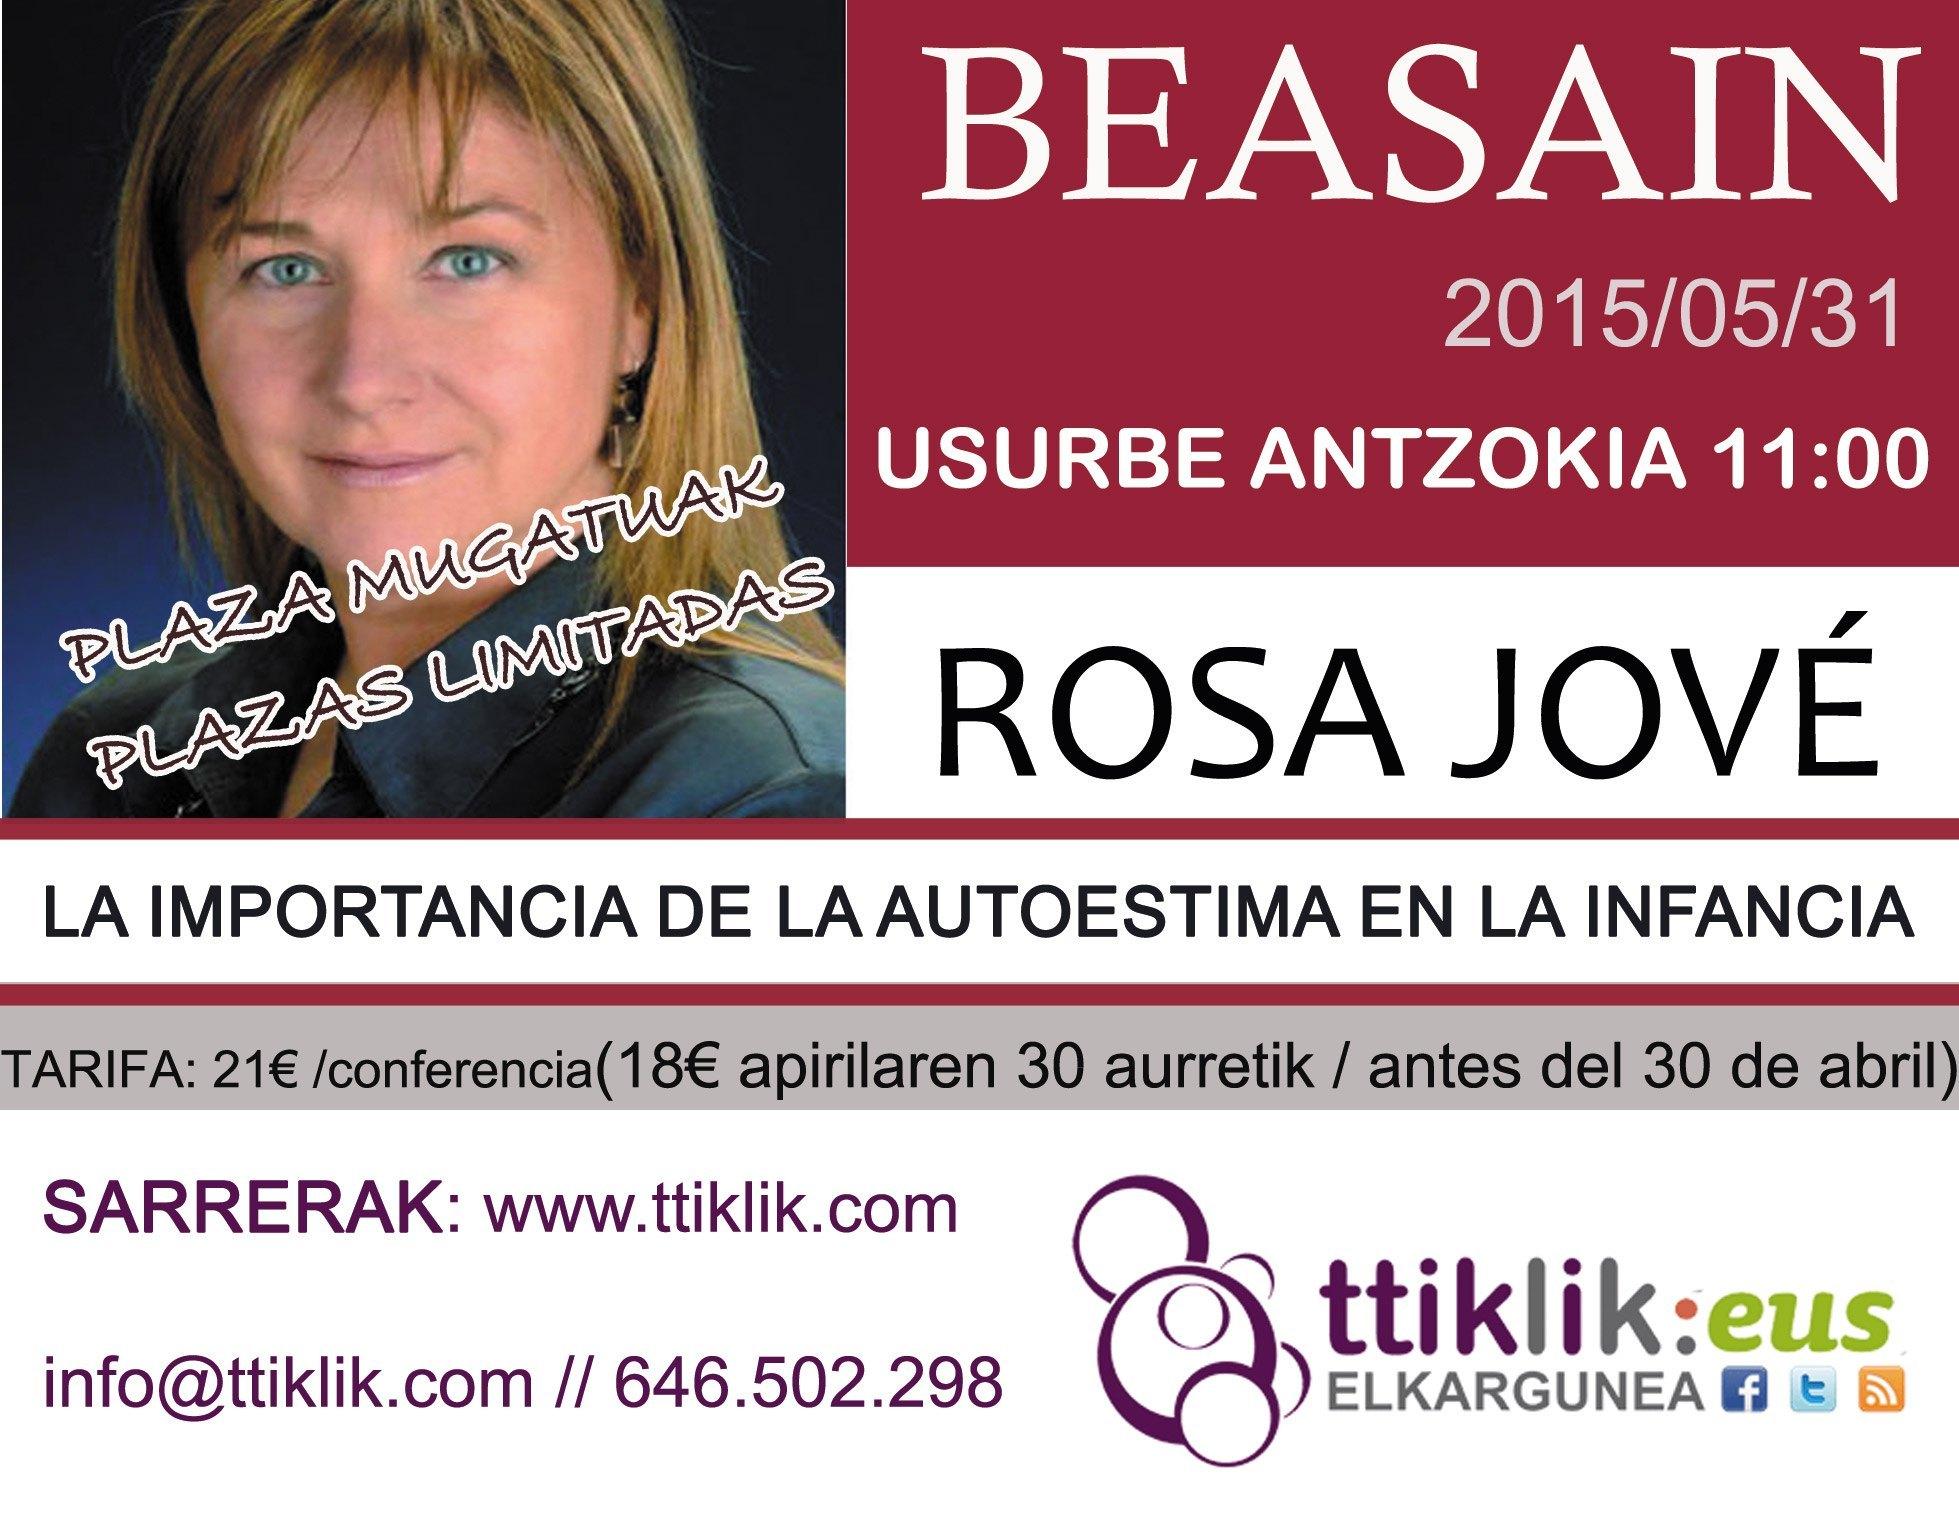 Photo of ROSA JOVE: SARREREN IRABAZLEAKGANADORxS DEL SORTEO DE ENTRADAS DE  ROSA JOVE